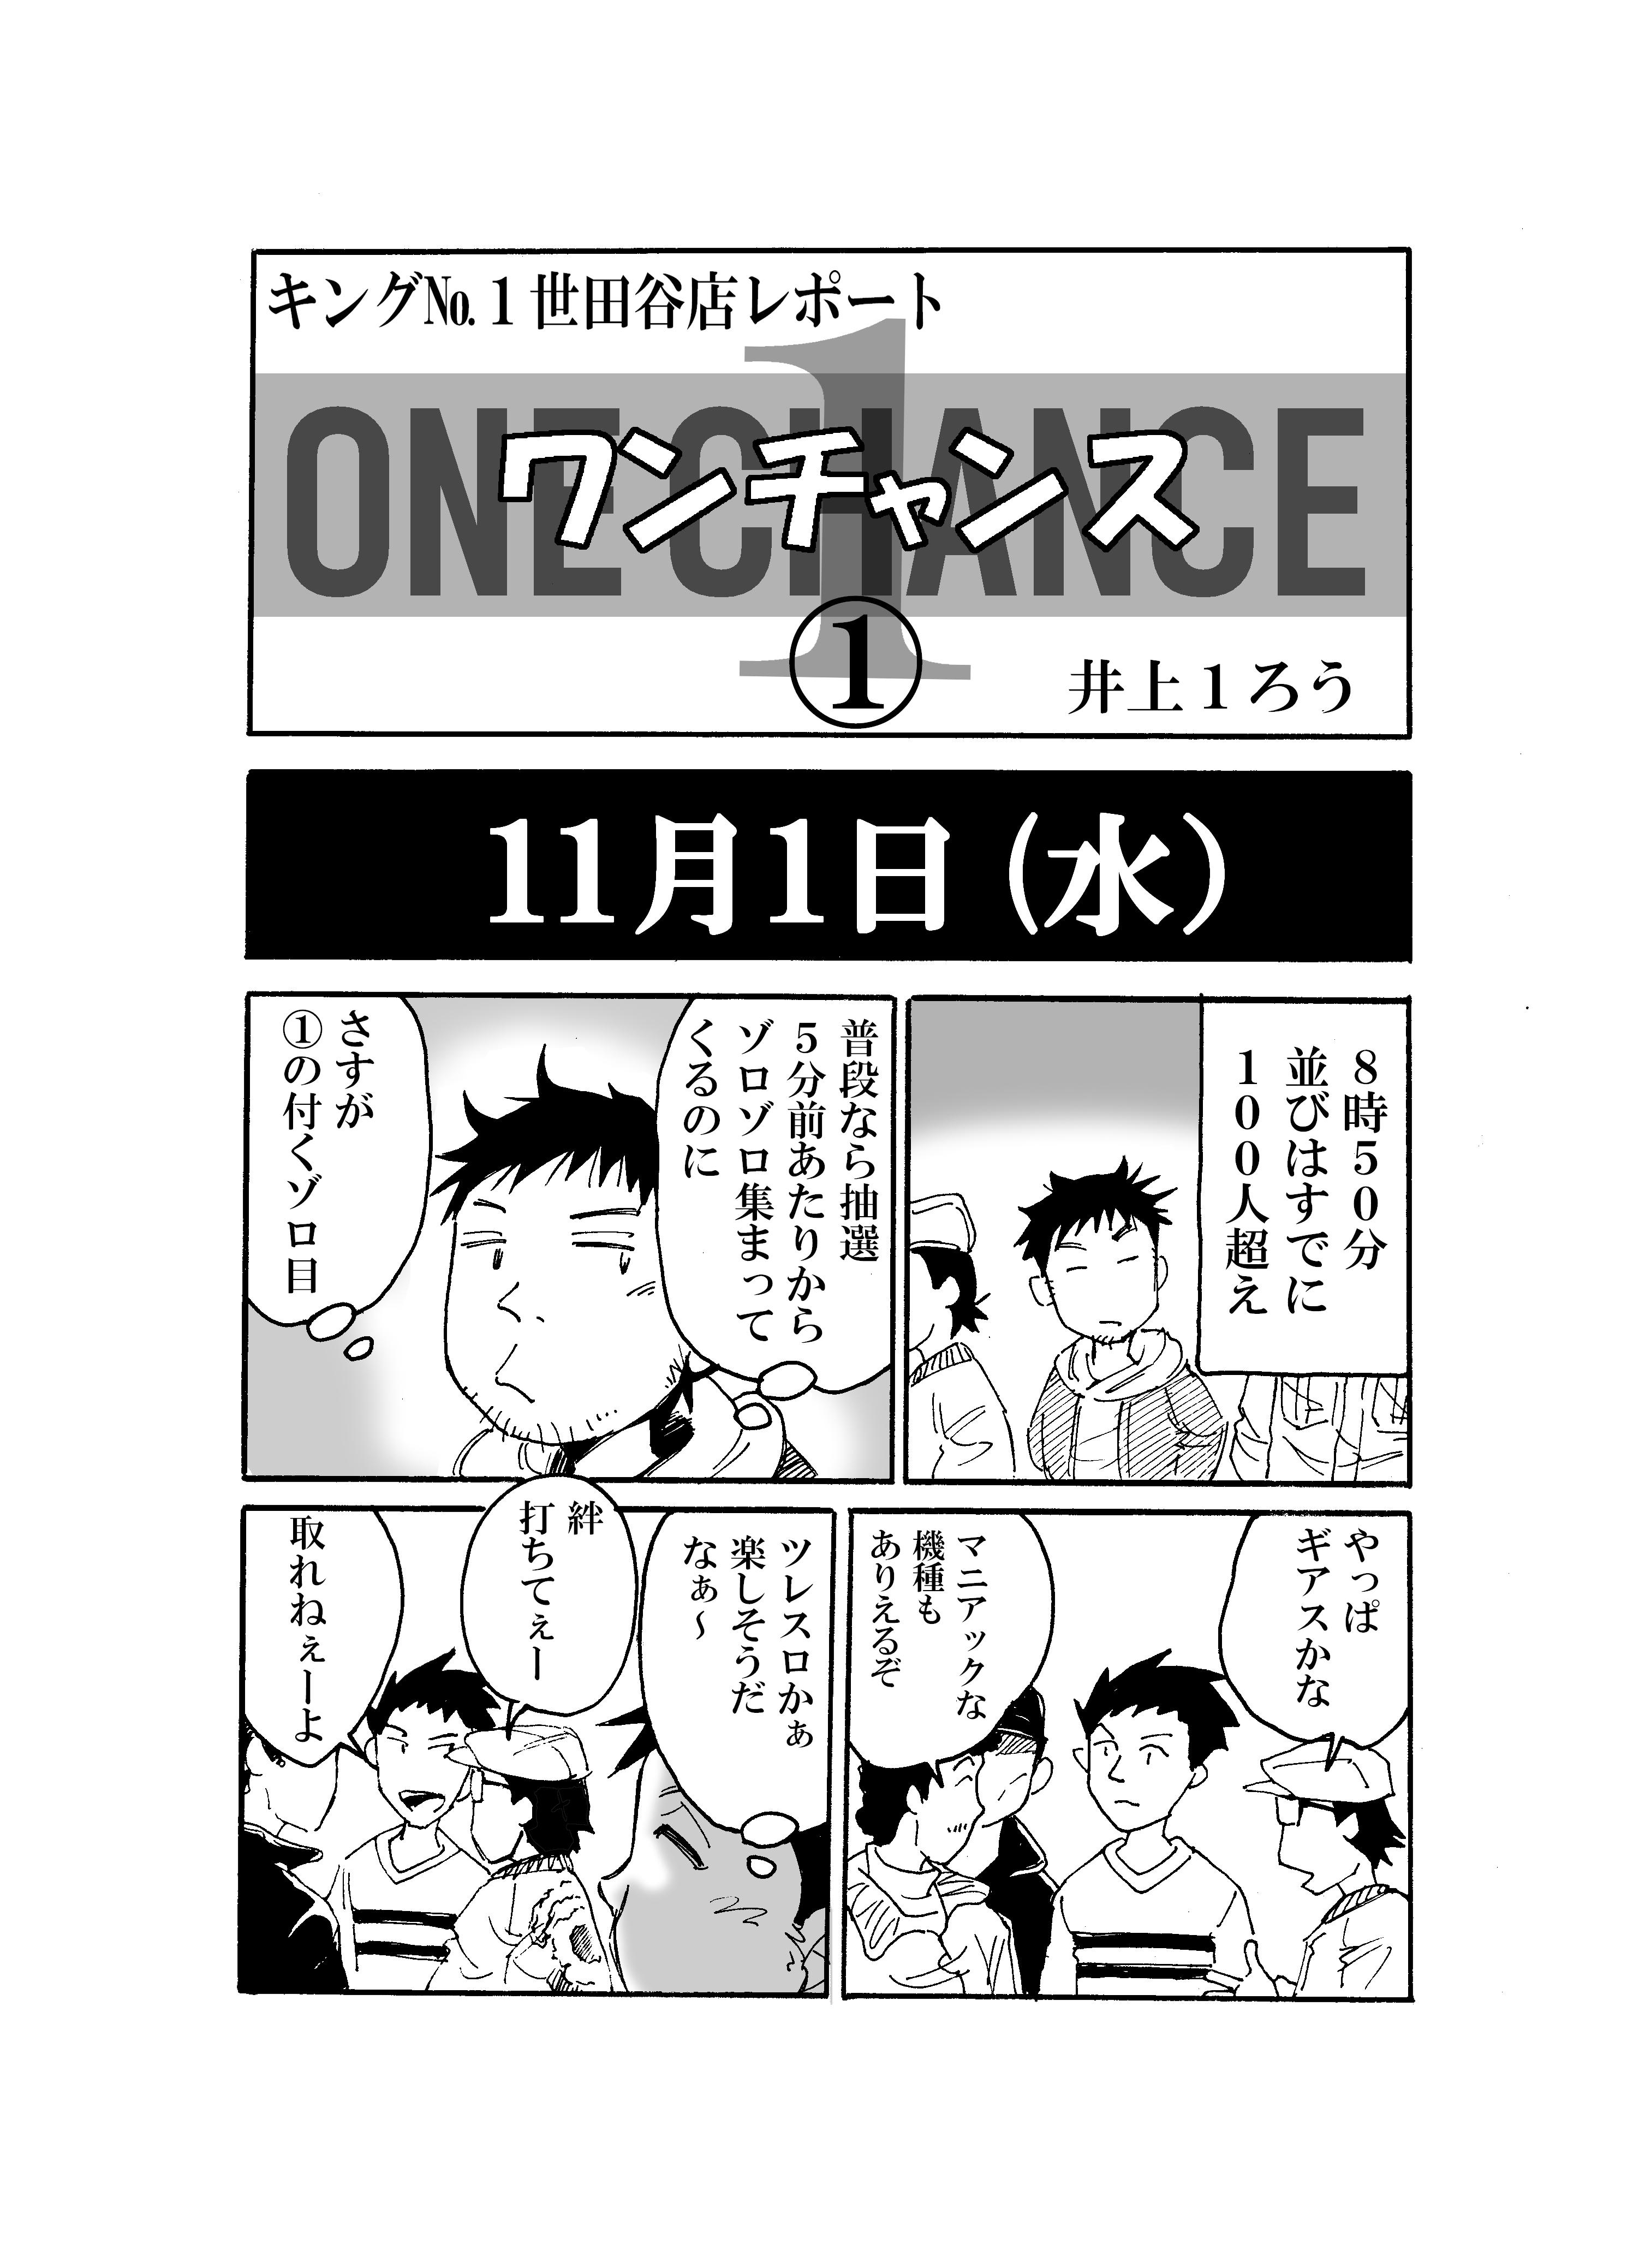 11月1日ワンチャンス①